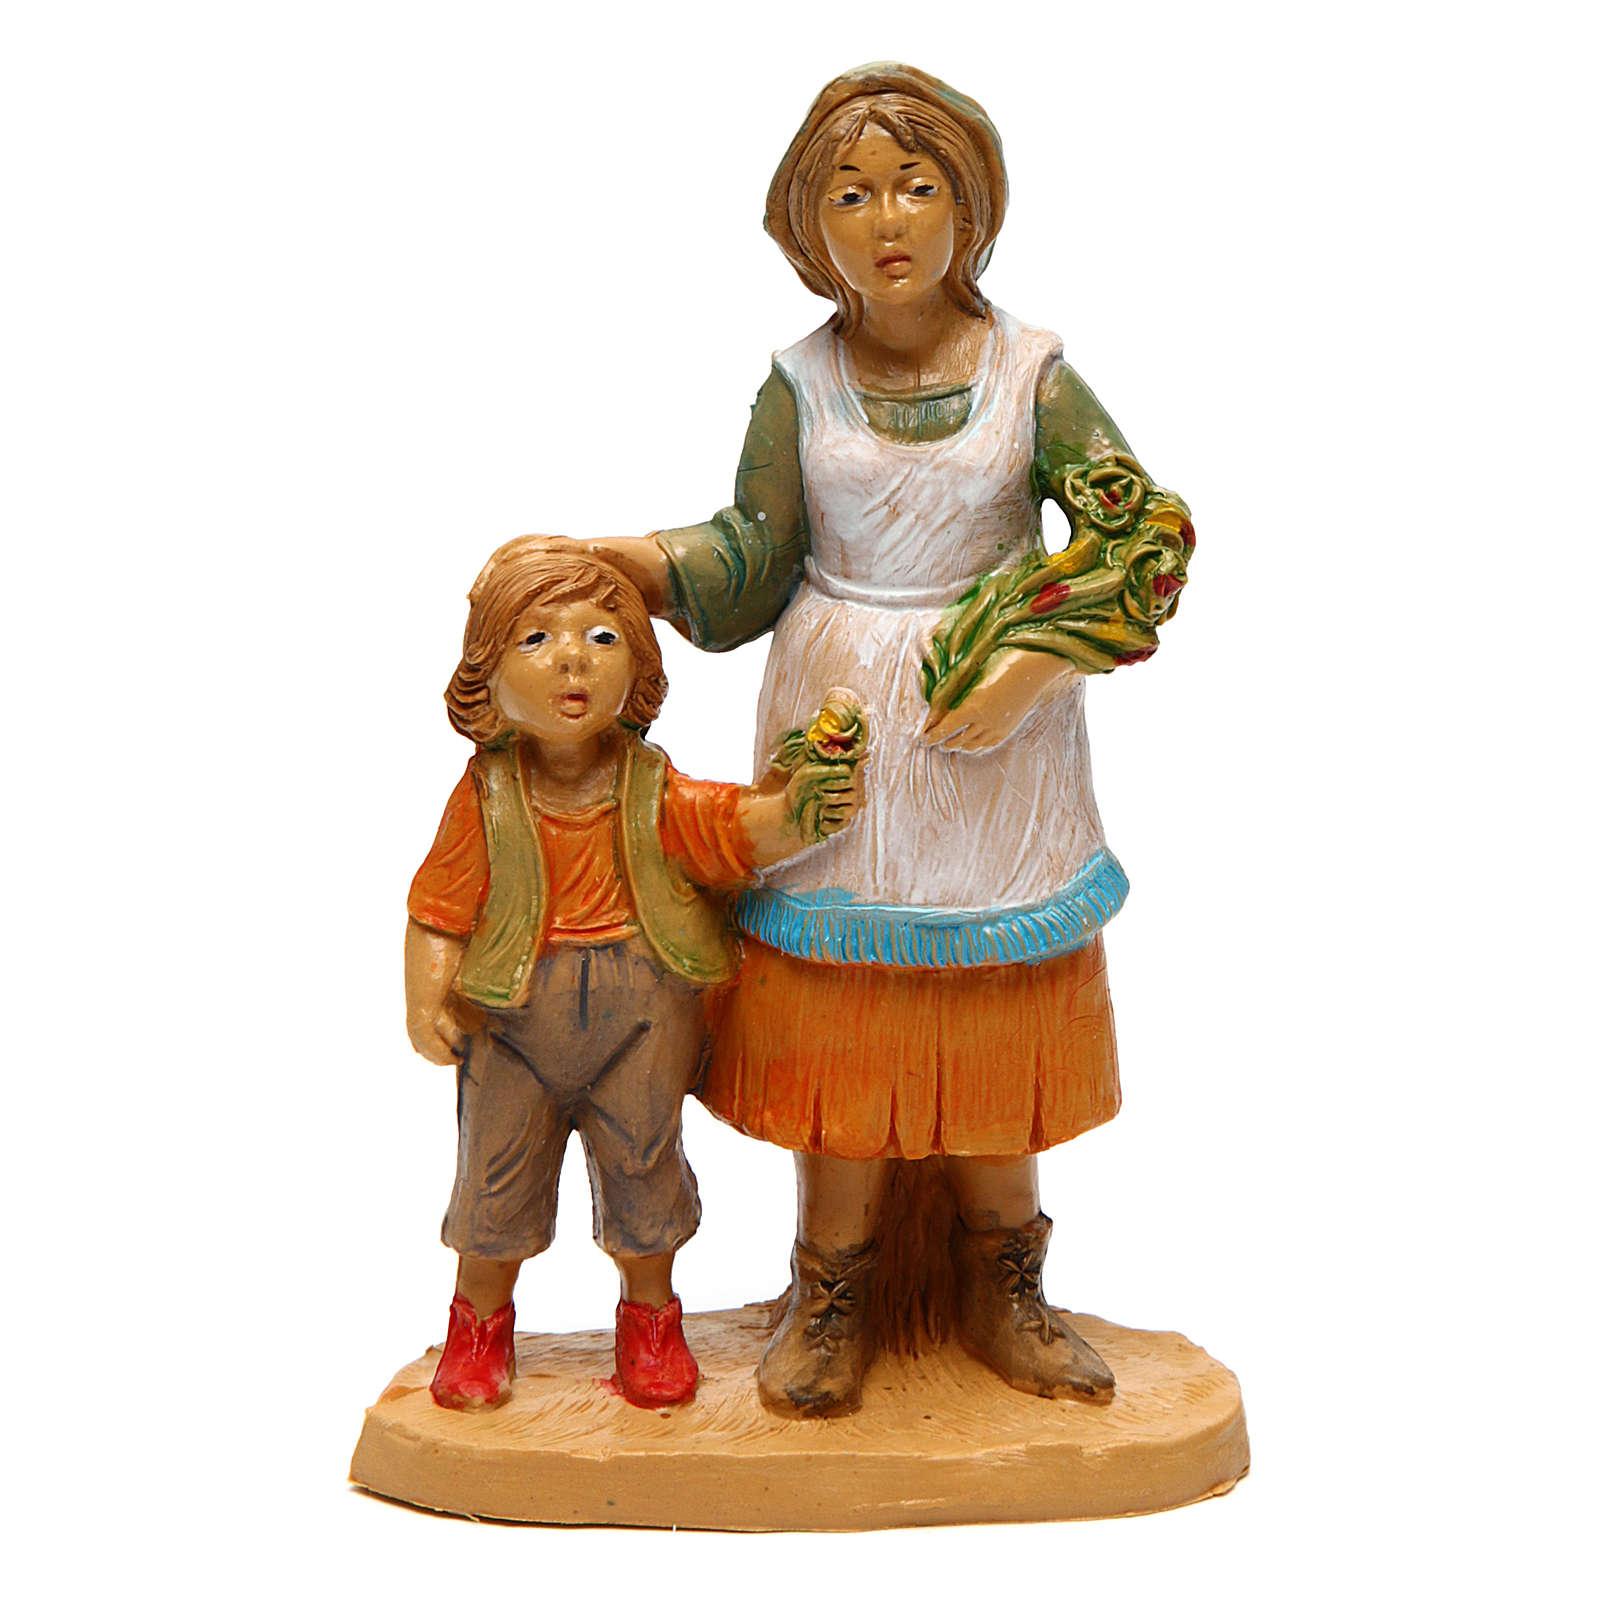 Mujer con niño 10 cm de altura media belén 3